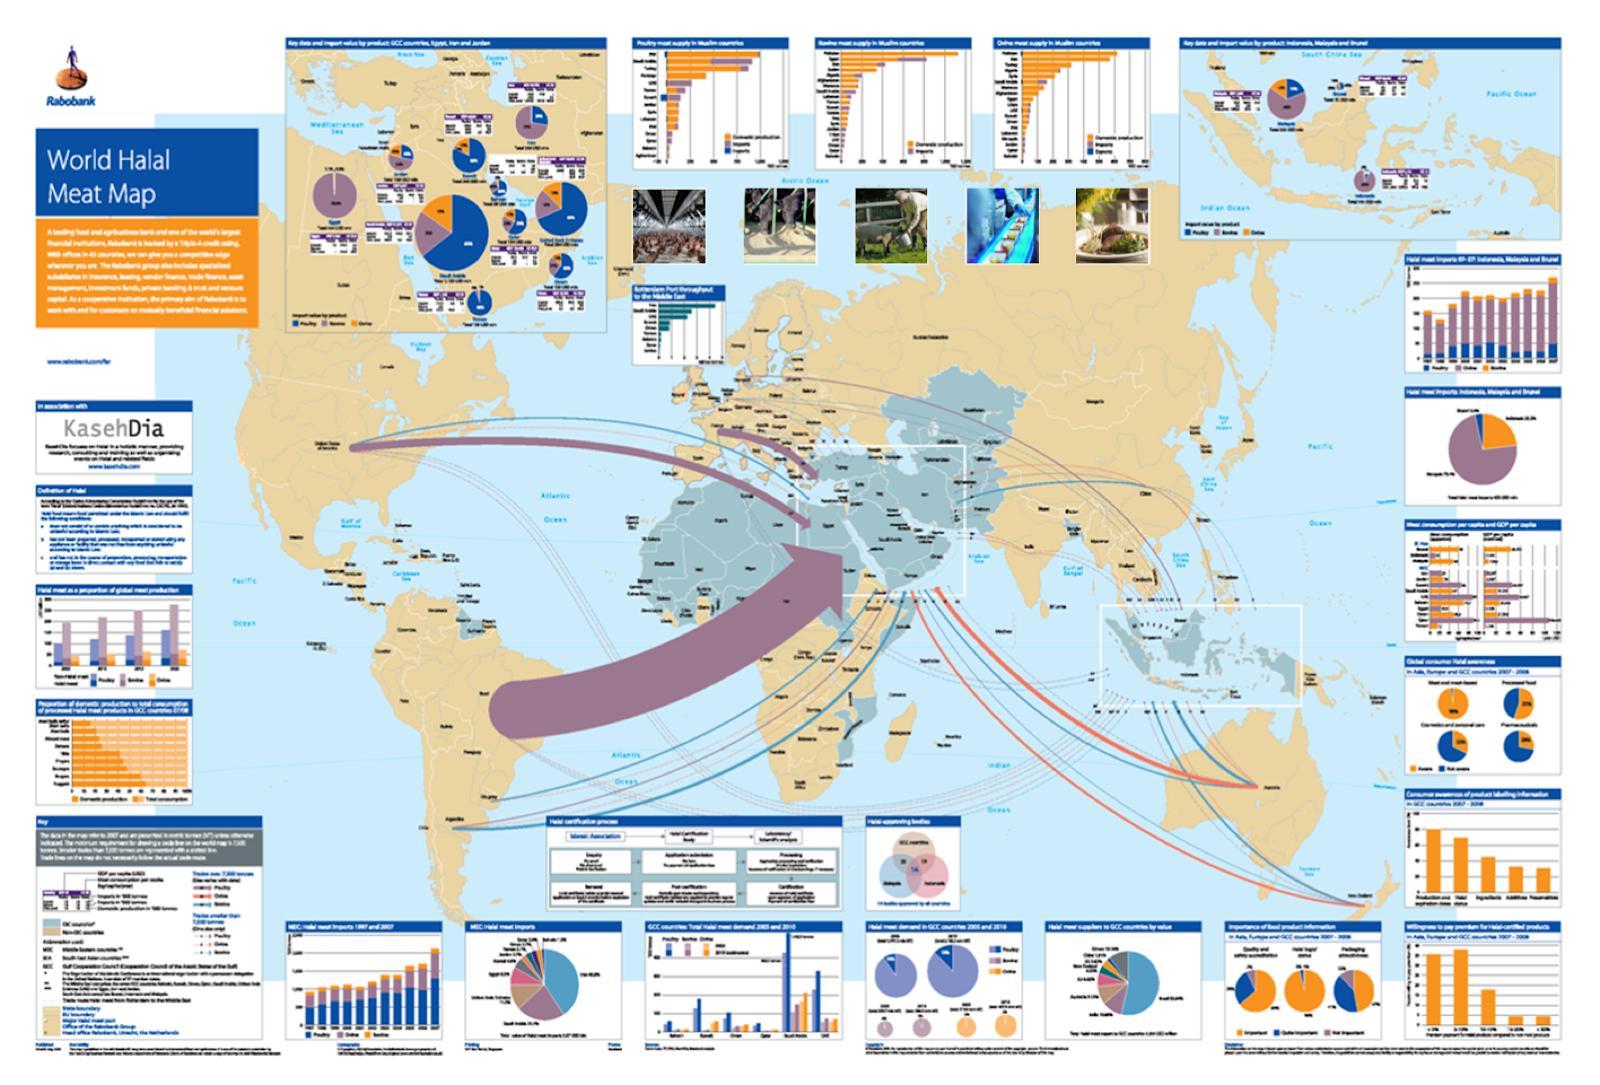 Global Halal Superhighway chart